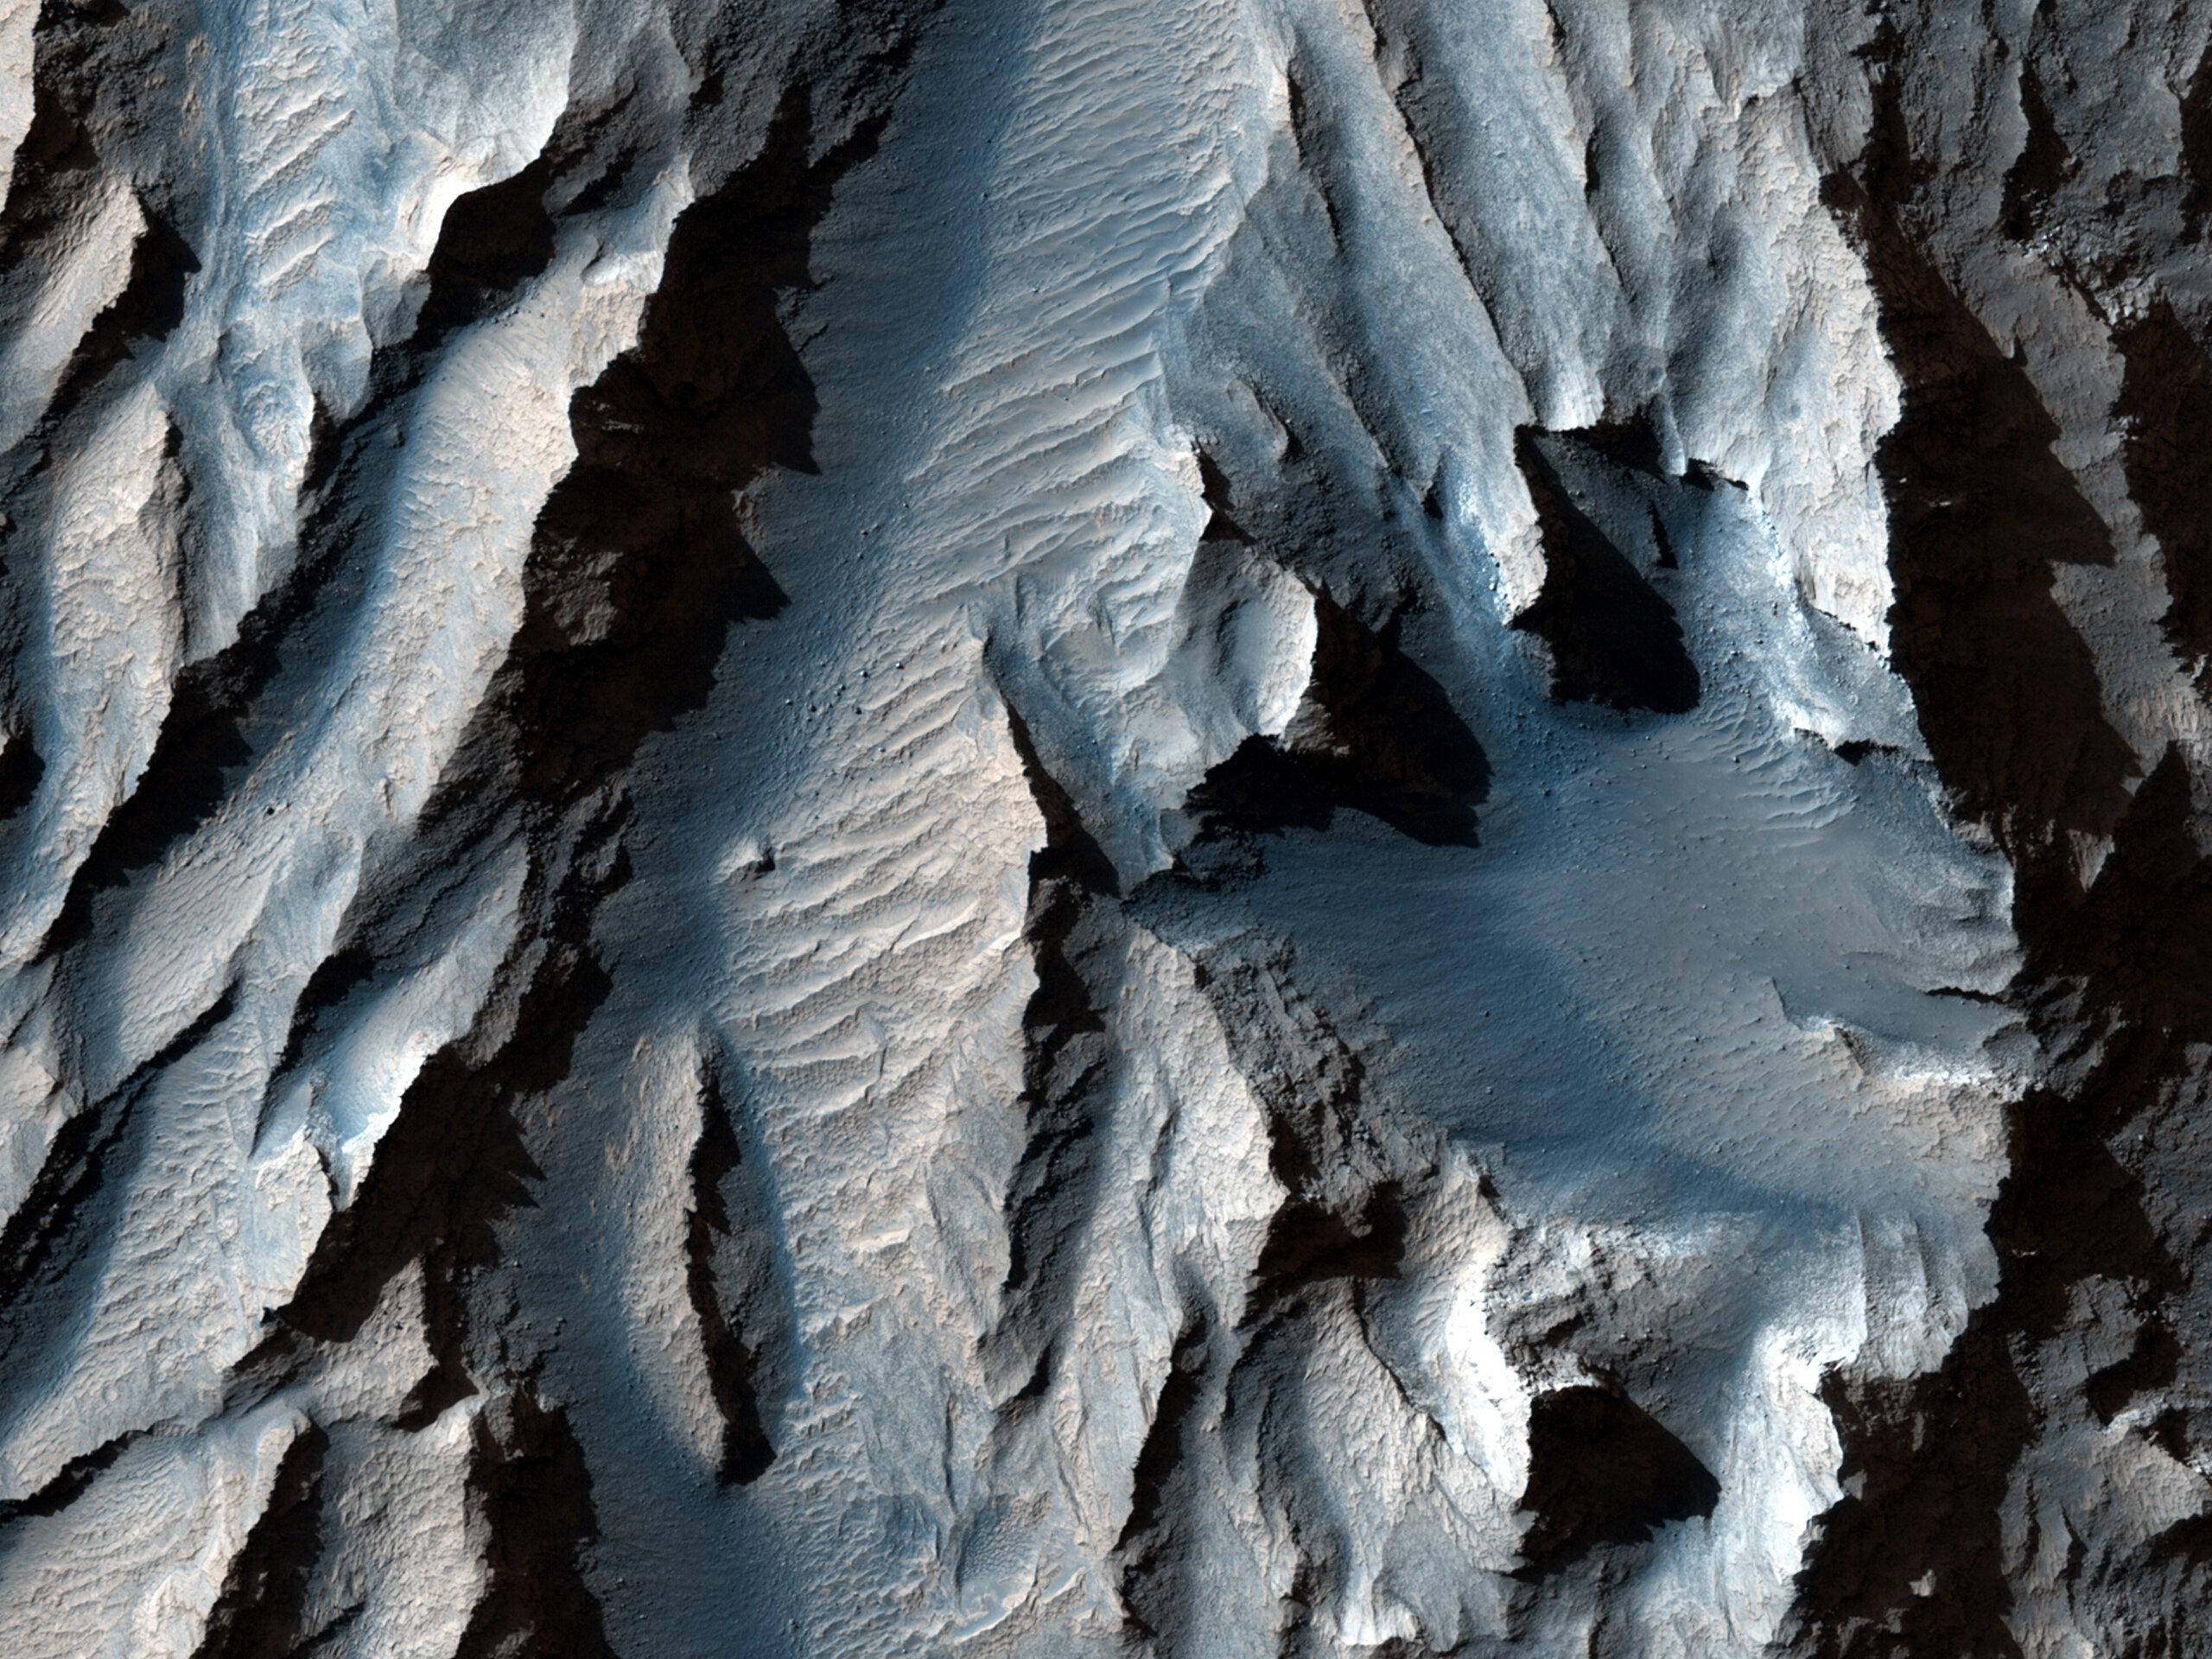 Periodic bedding in Tithonium Chasma